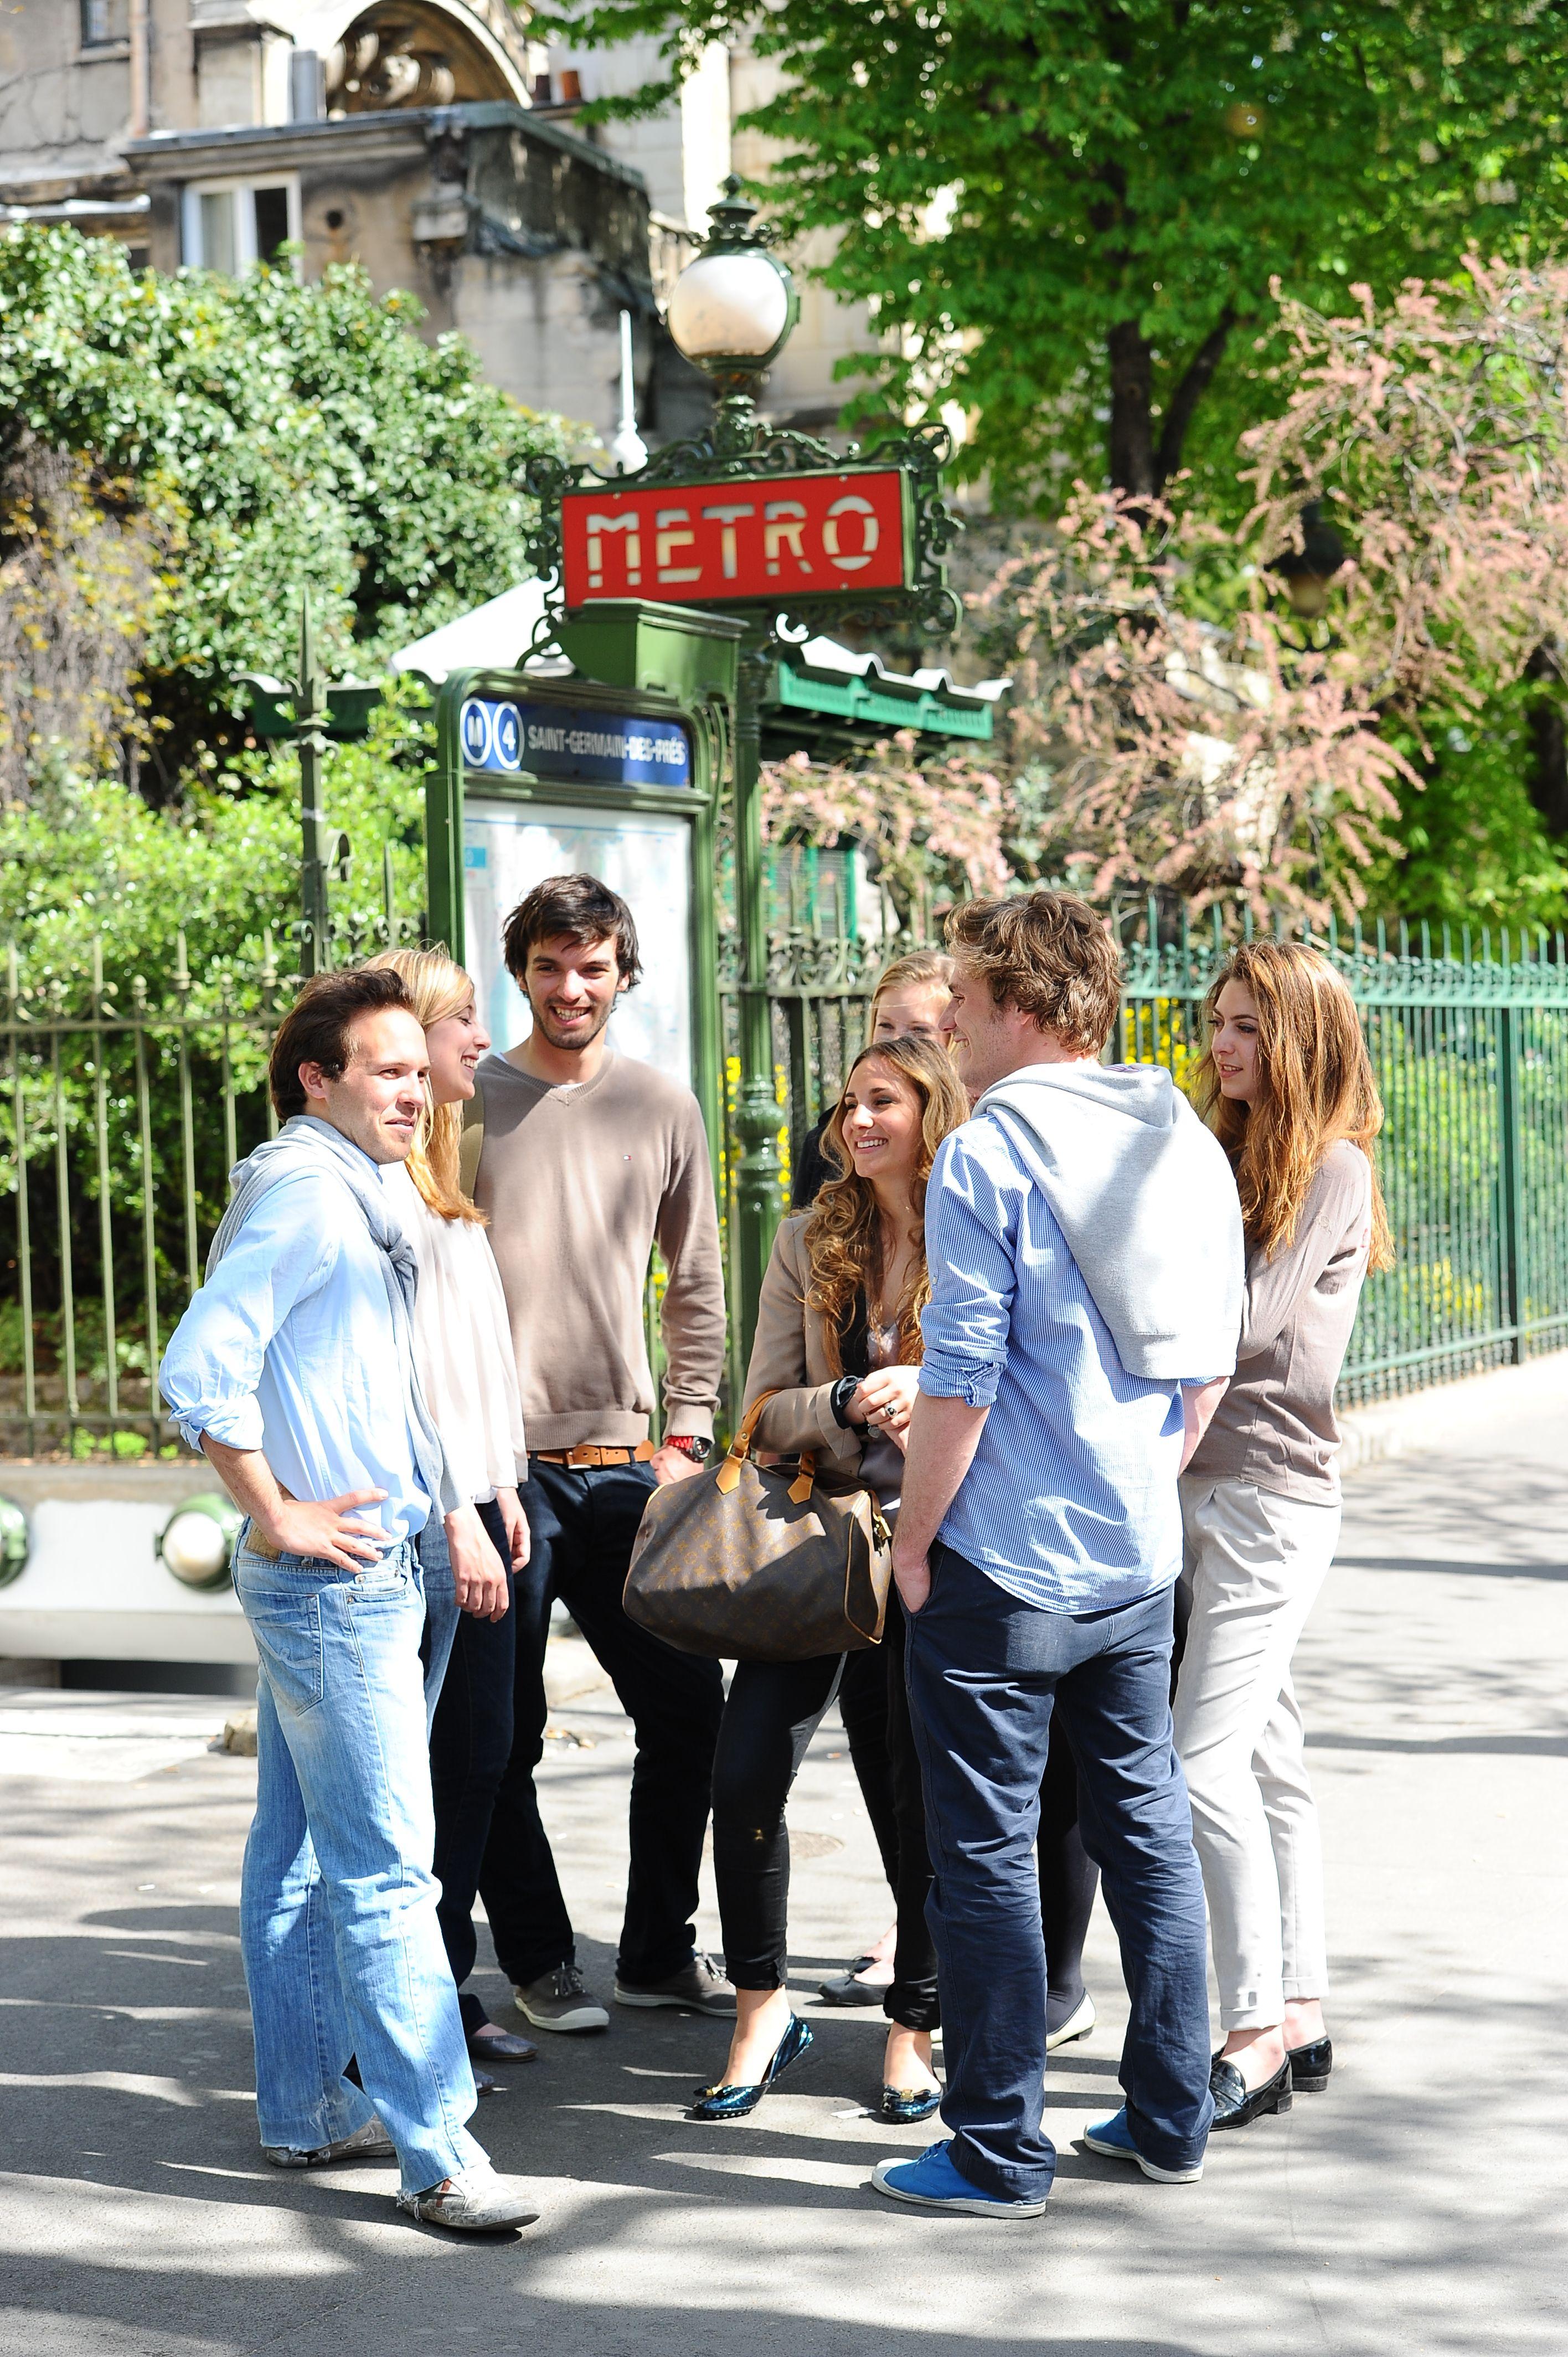 """""""Metro Saint Germain"""" Ipag Paris"""